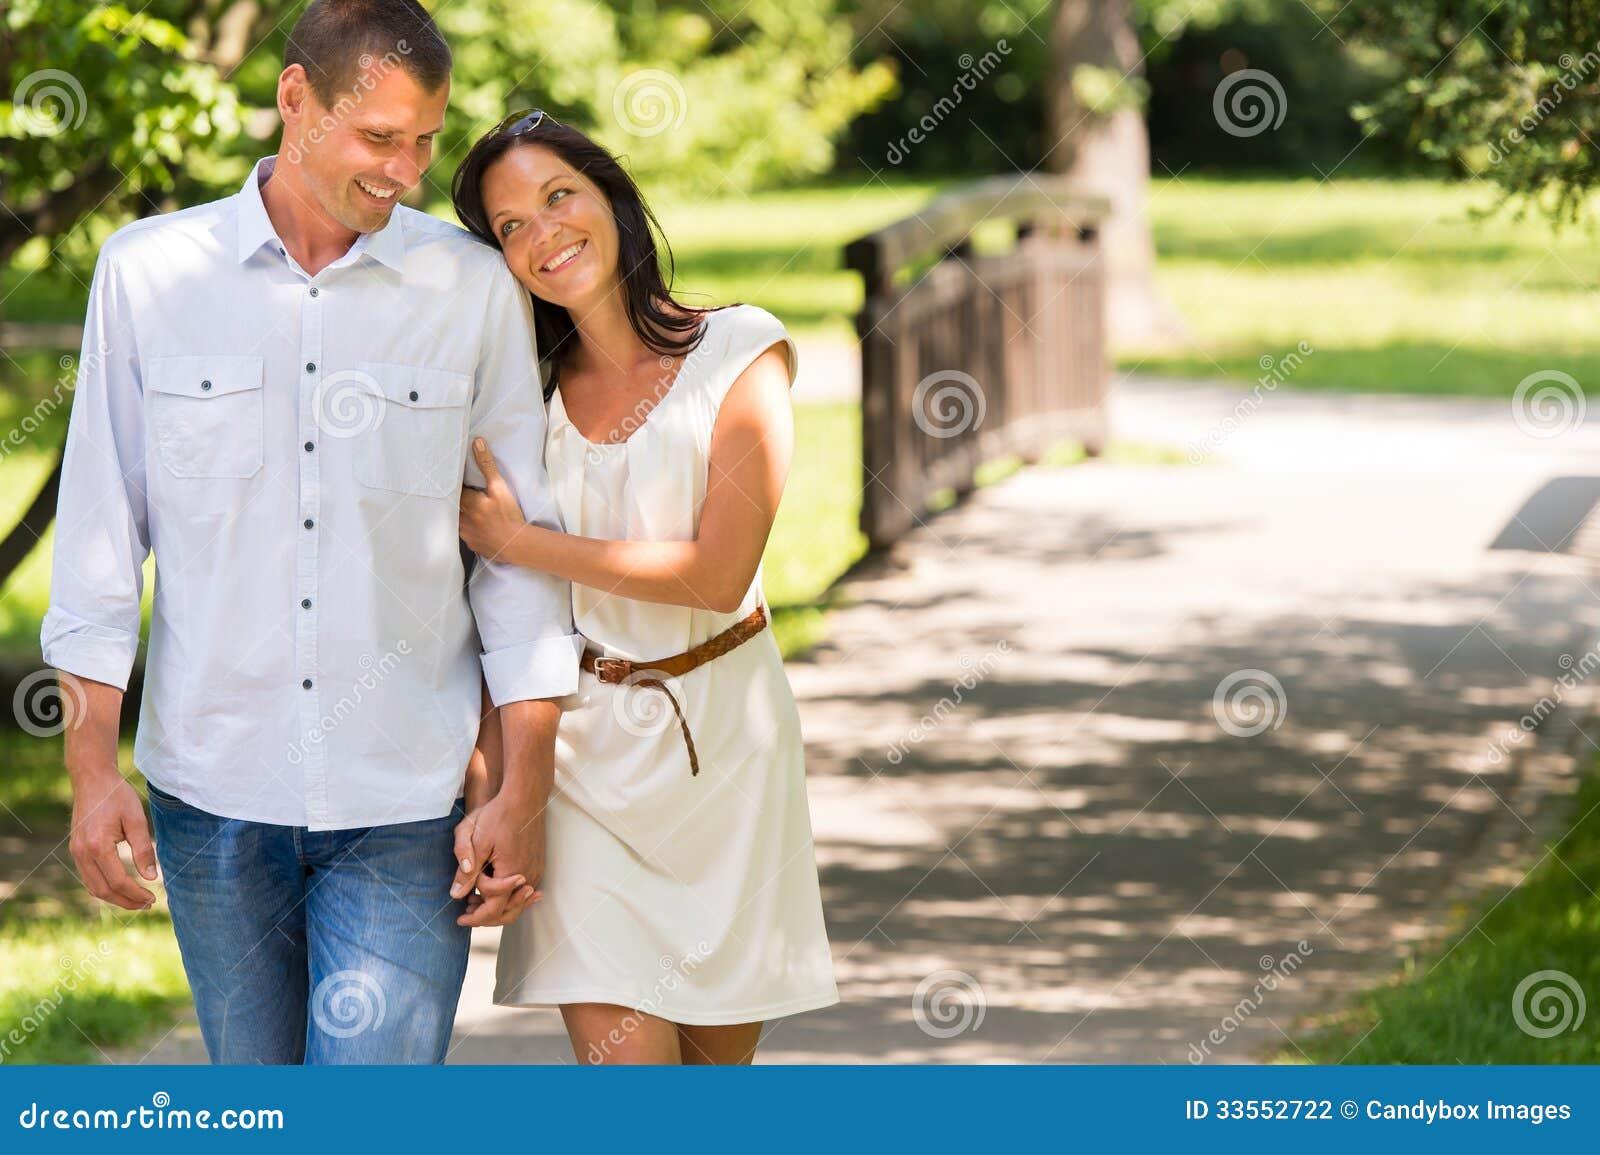 Indian caucasian dating site 5